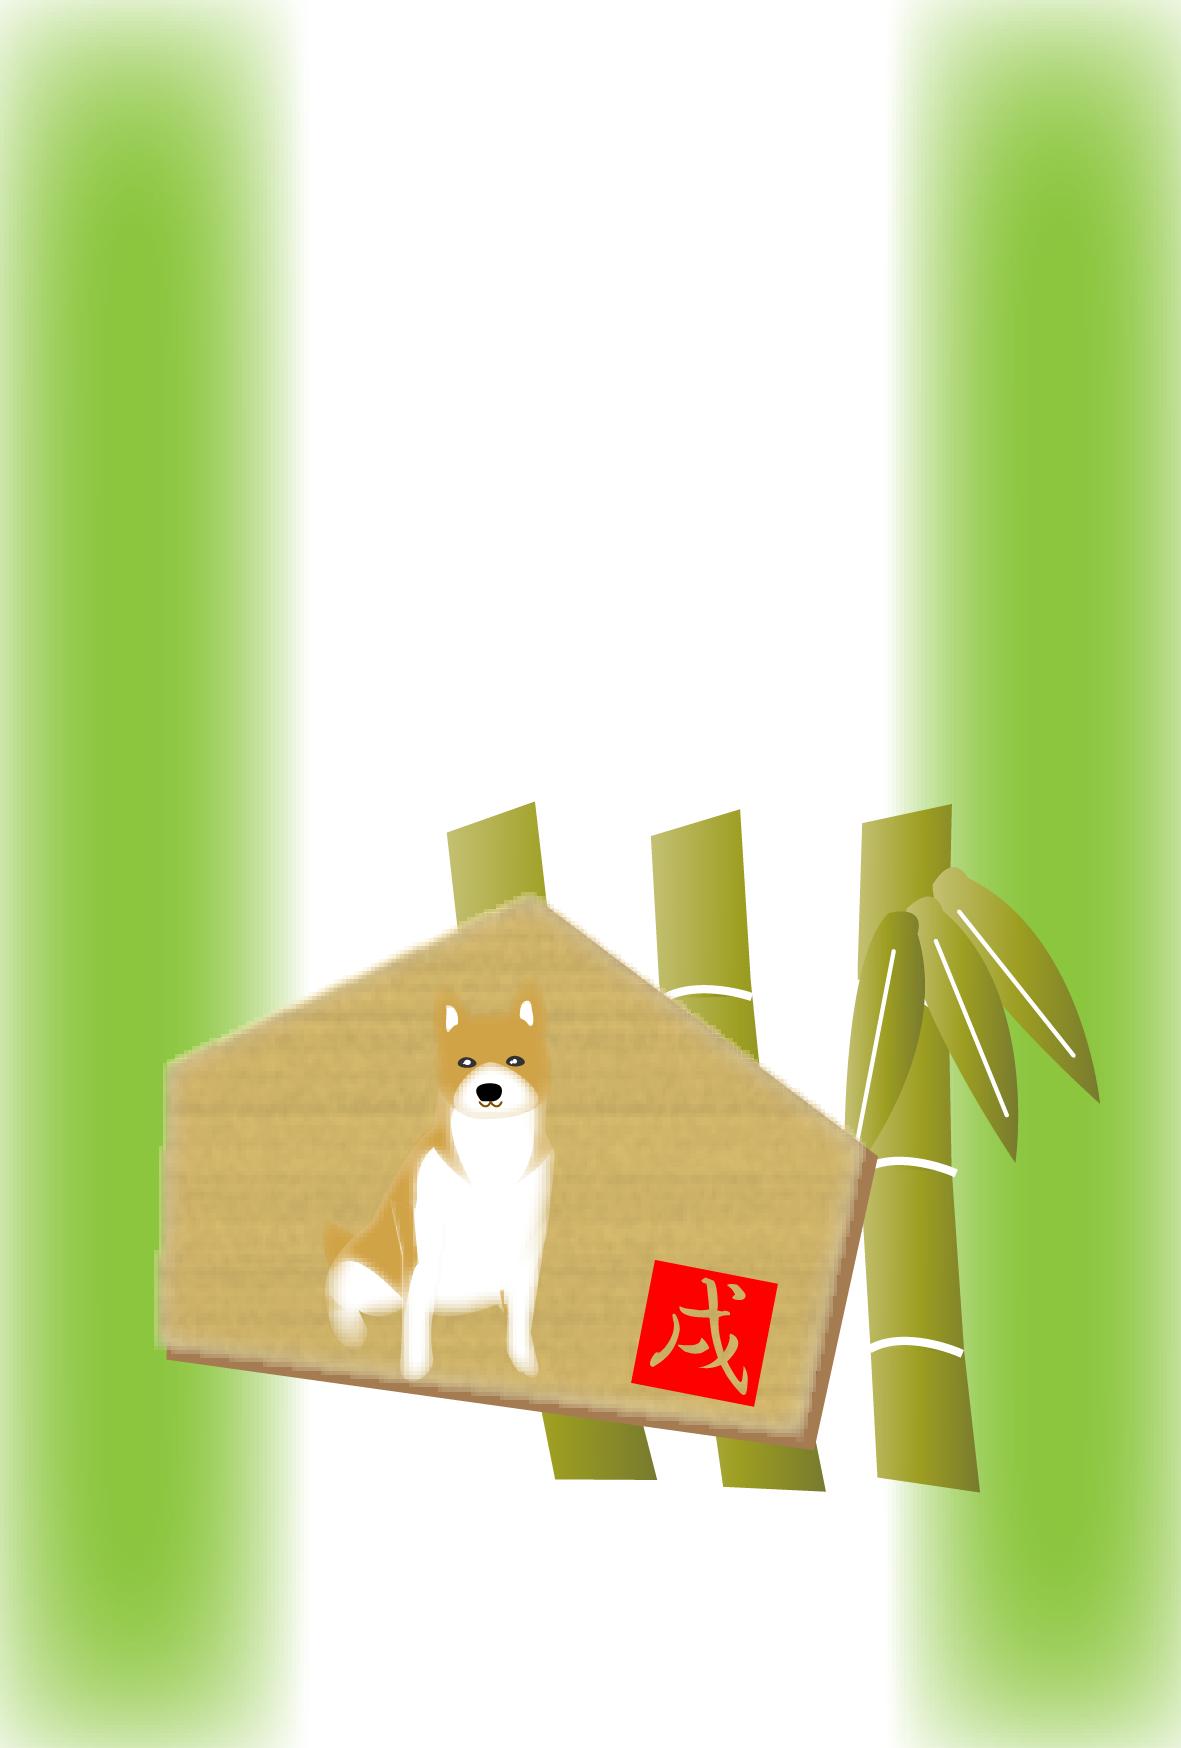 犬が描かれた絵馬と竹のイラストつき(文字なし)